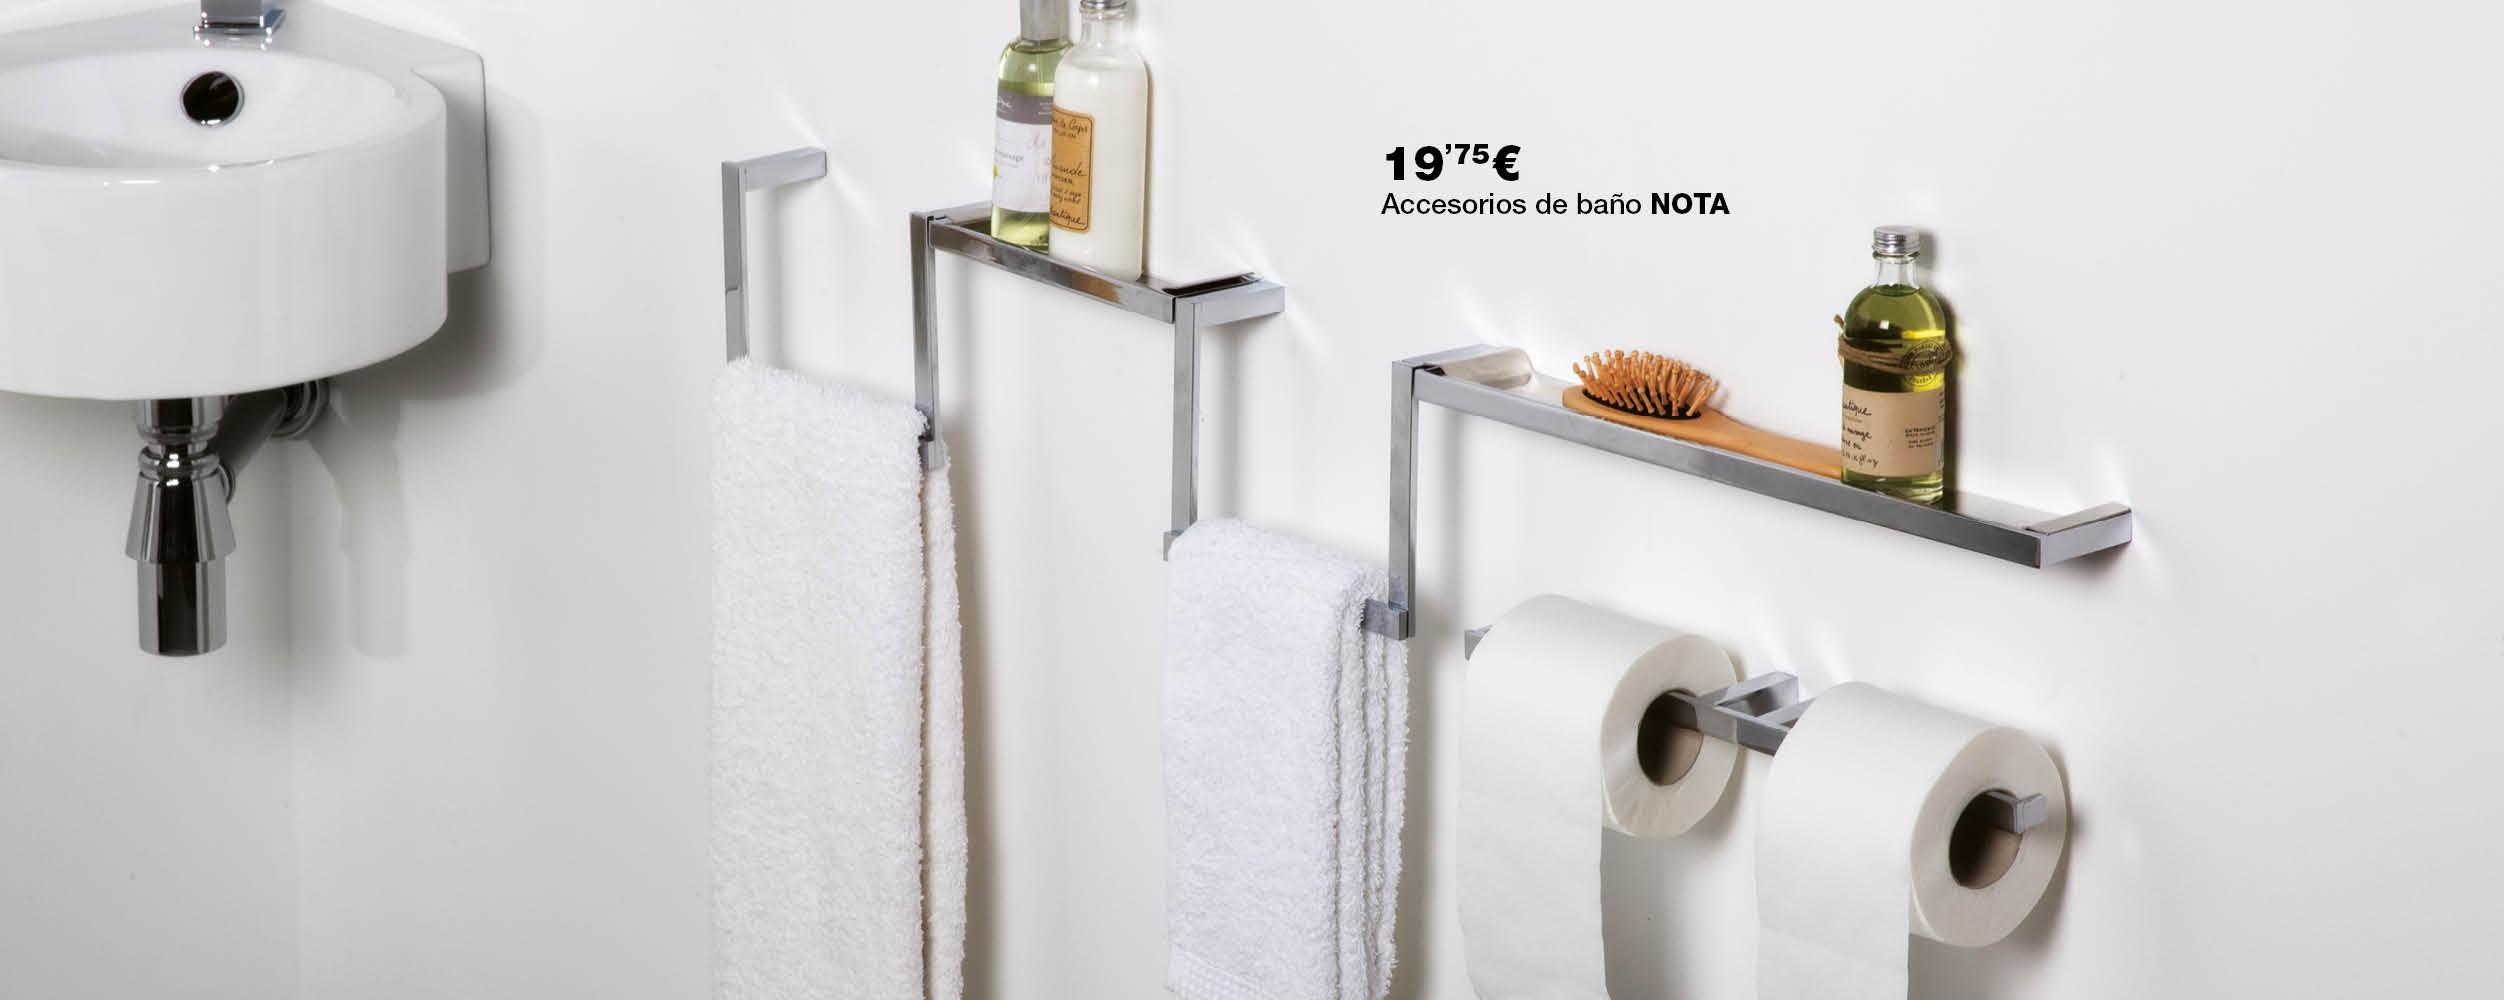 Accesorios NOTA desde 19,75€